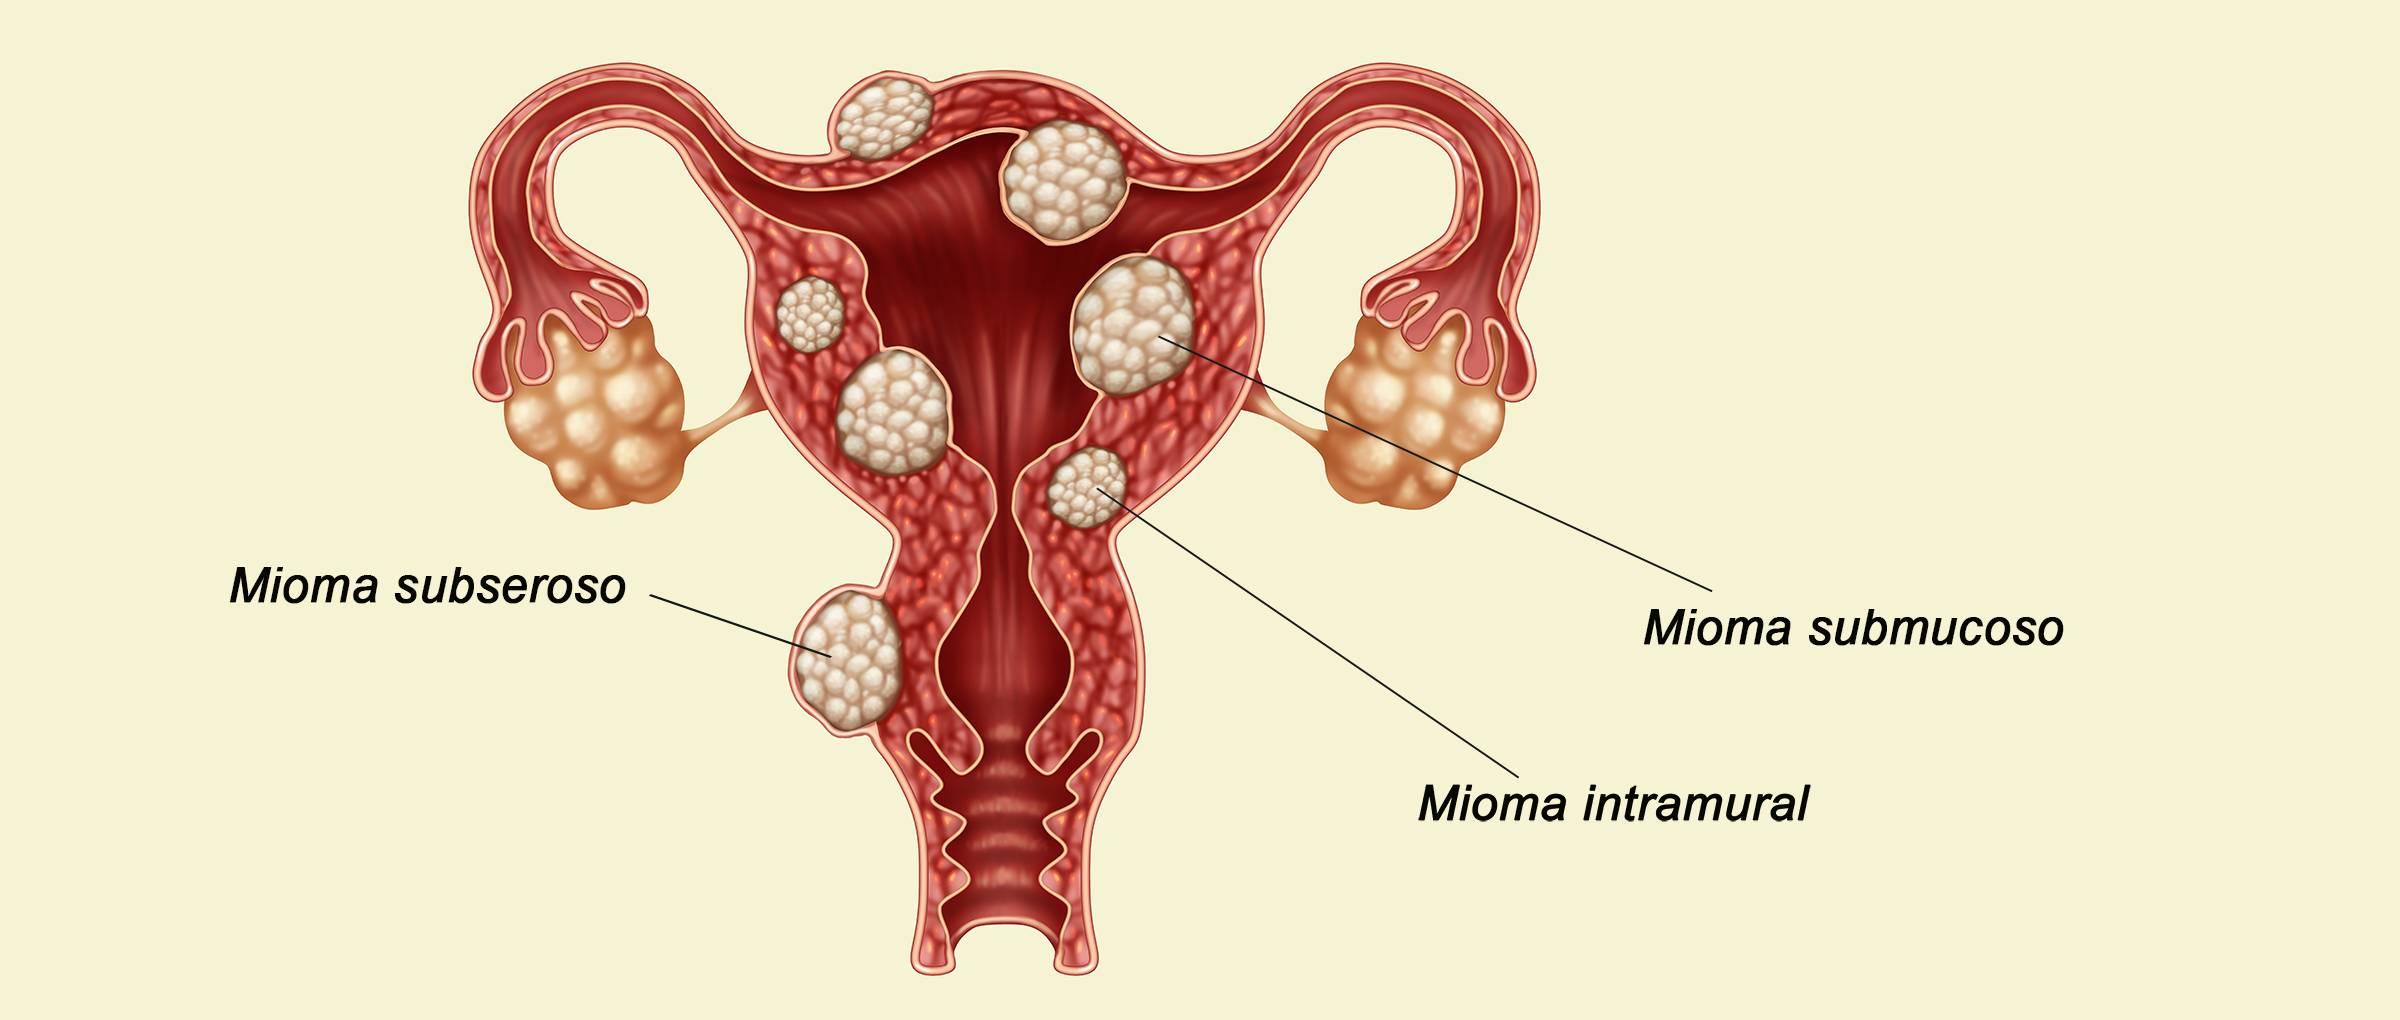 Фиброматоз матки: что это такое?